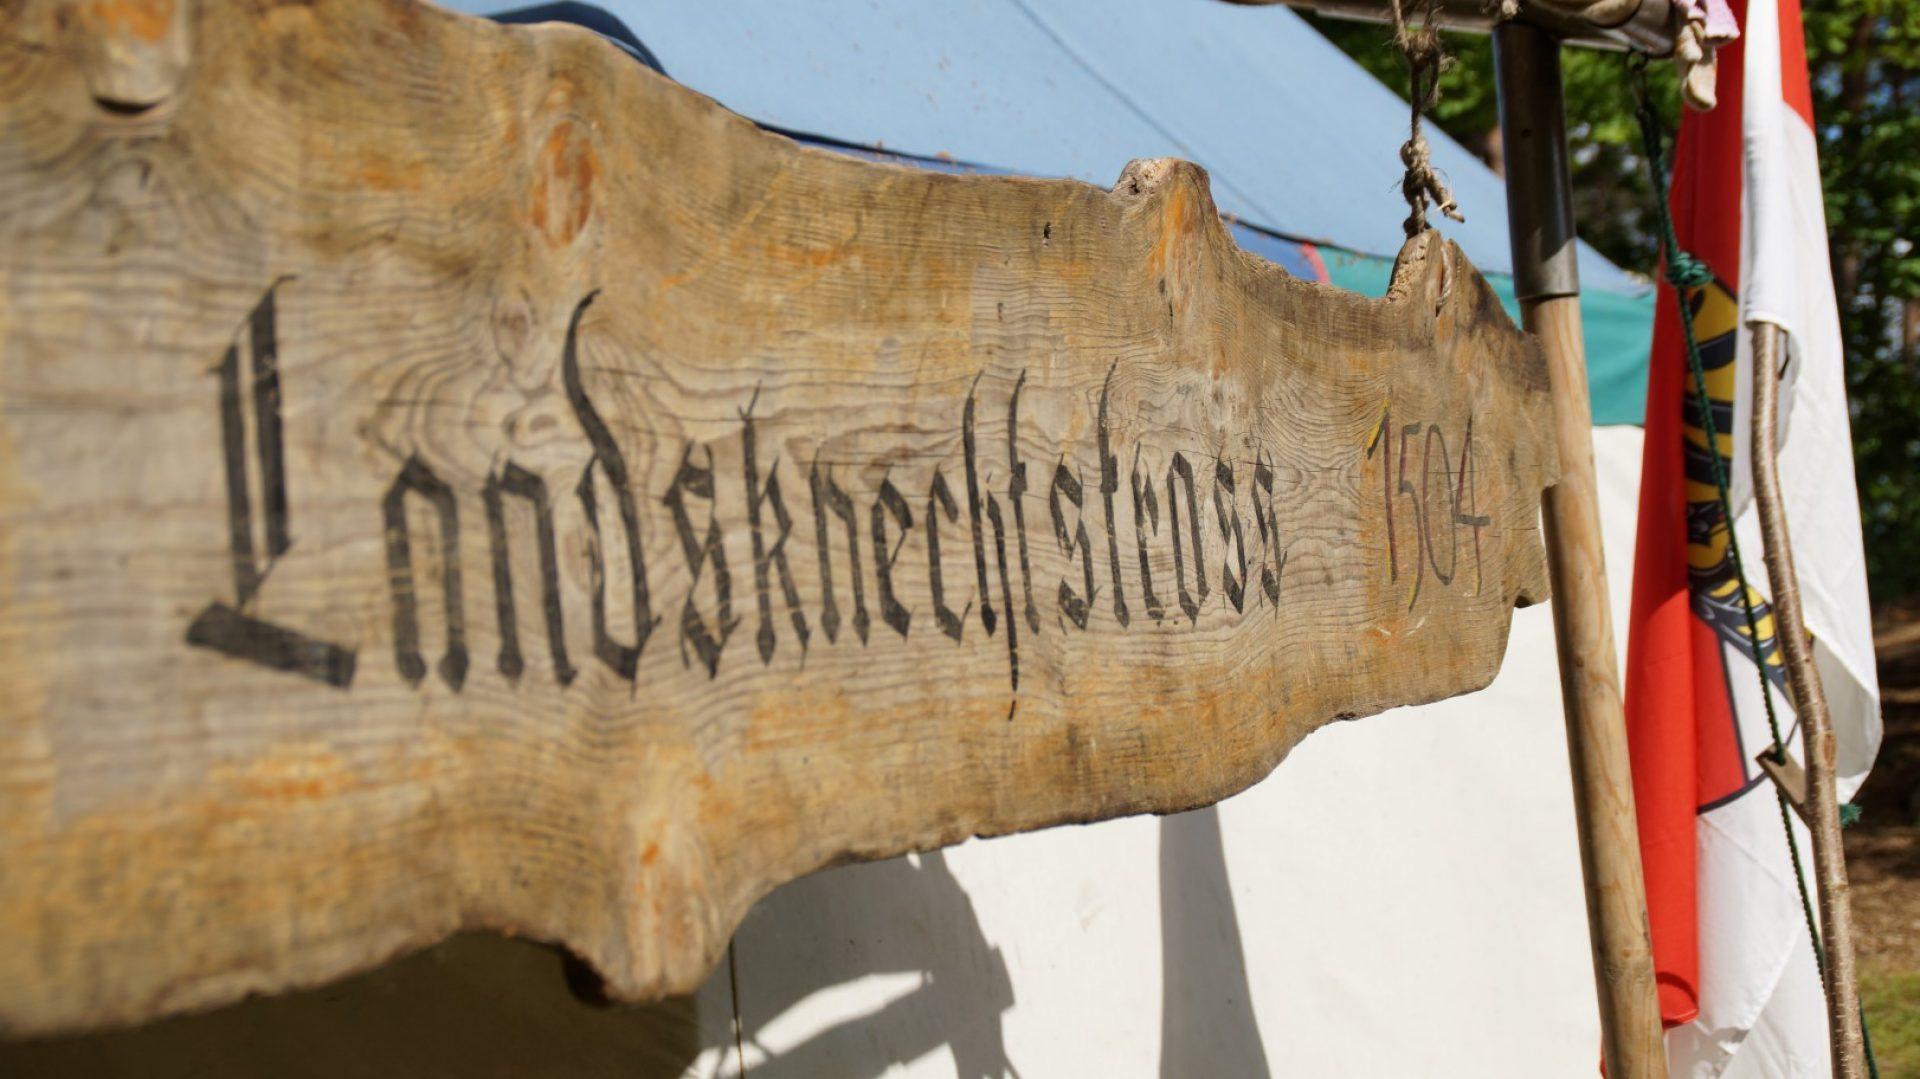 Landsknechtstross 1504 e.V.